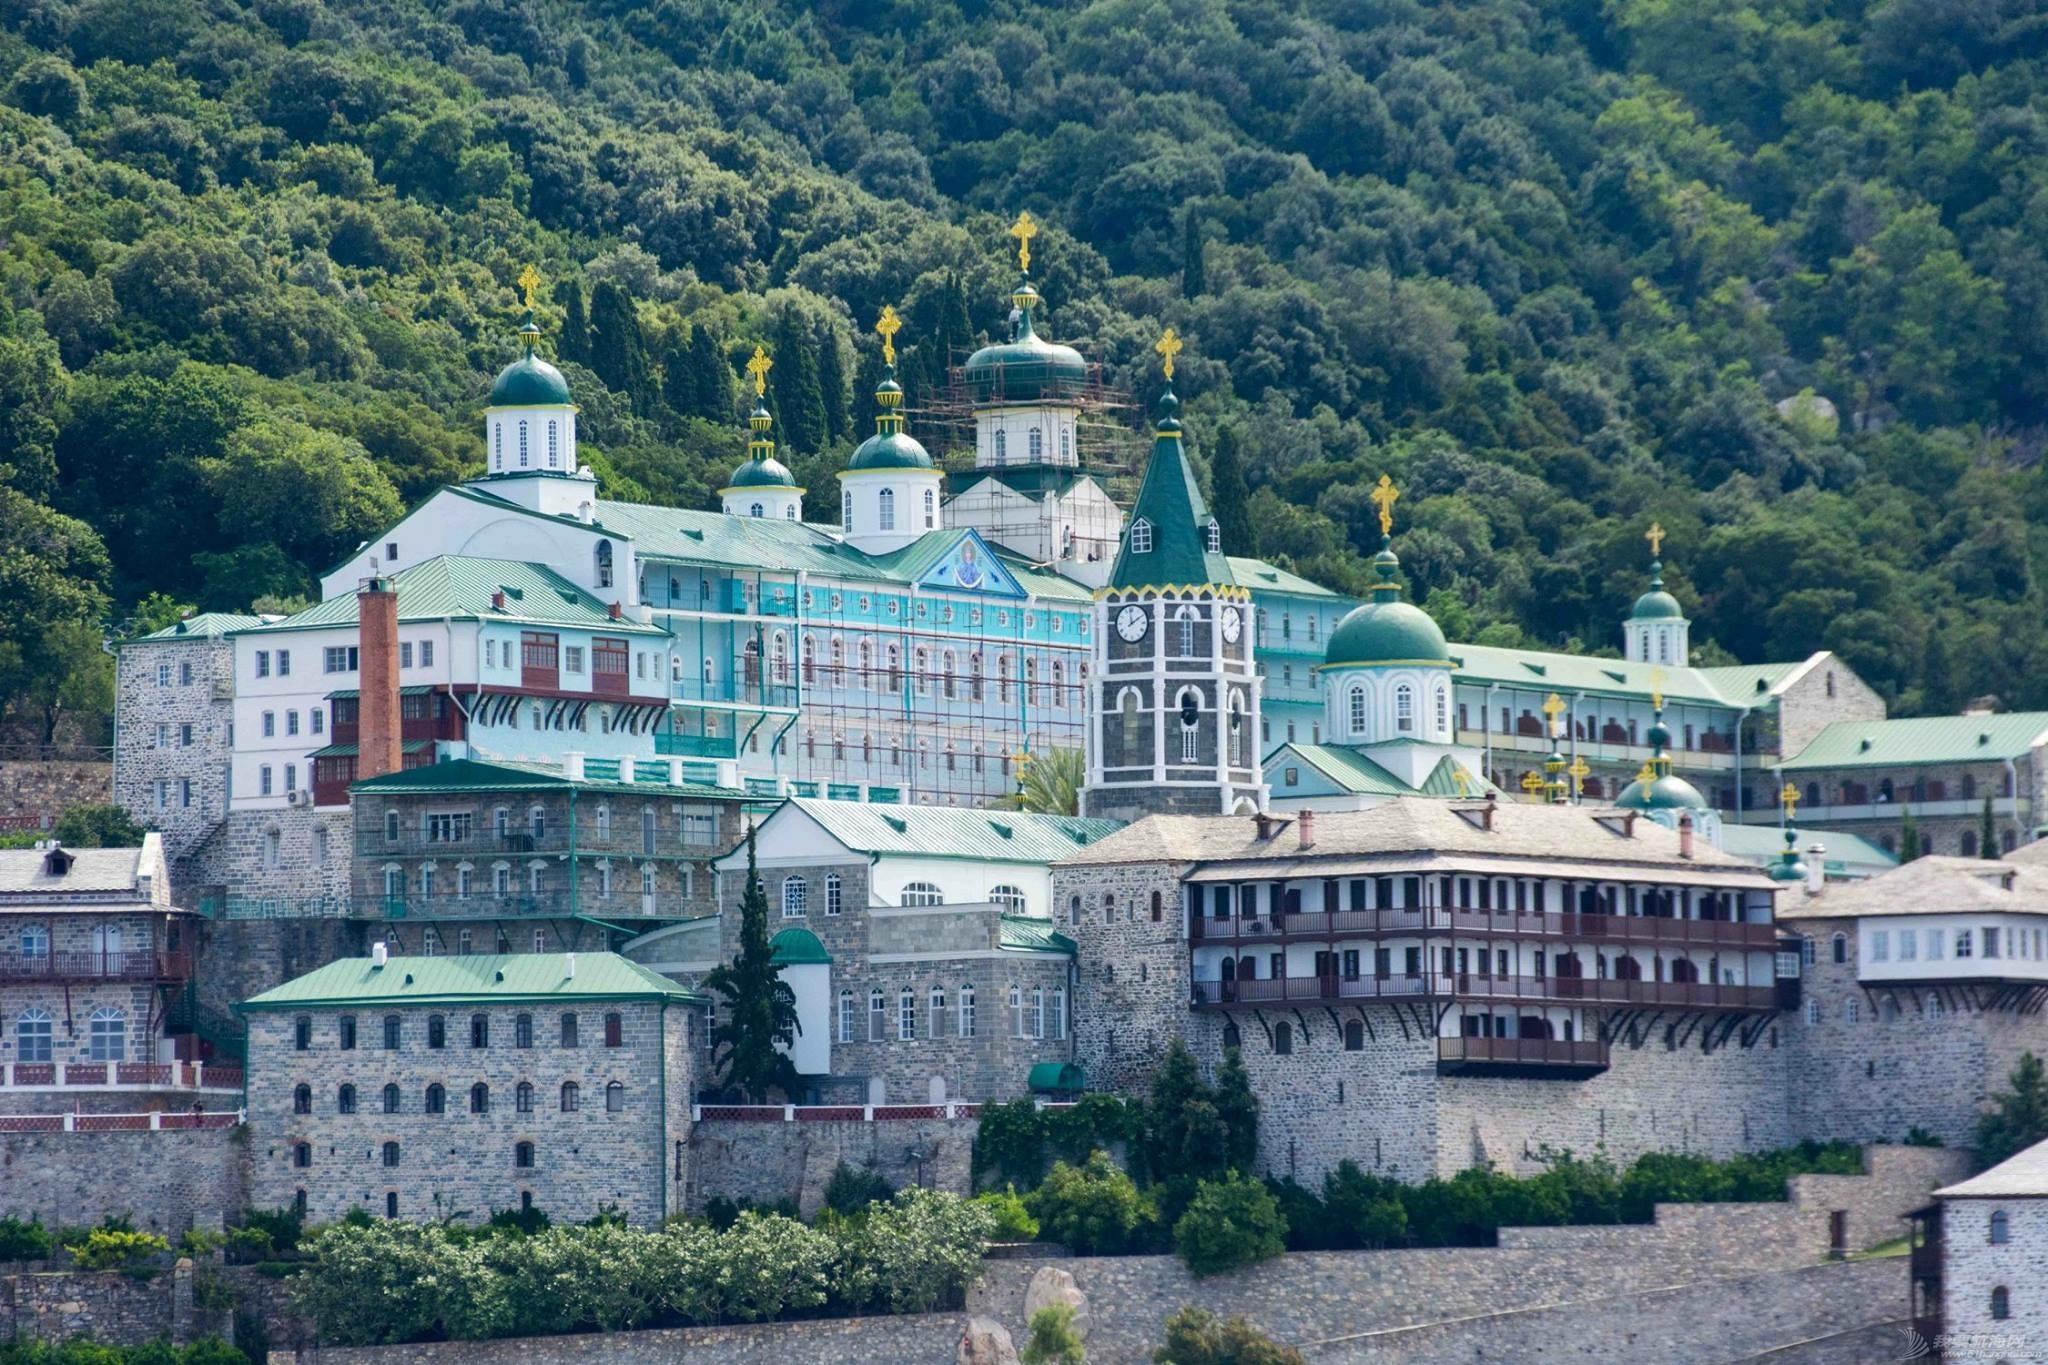 教科文组织,联合国,爱琴海,修道院,建筑群 只能航海远观的希腊最著名修道院建筑群 IMG_8681.JPG